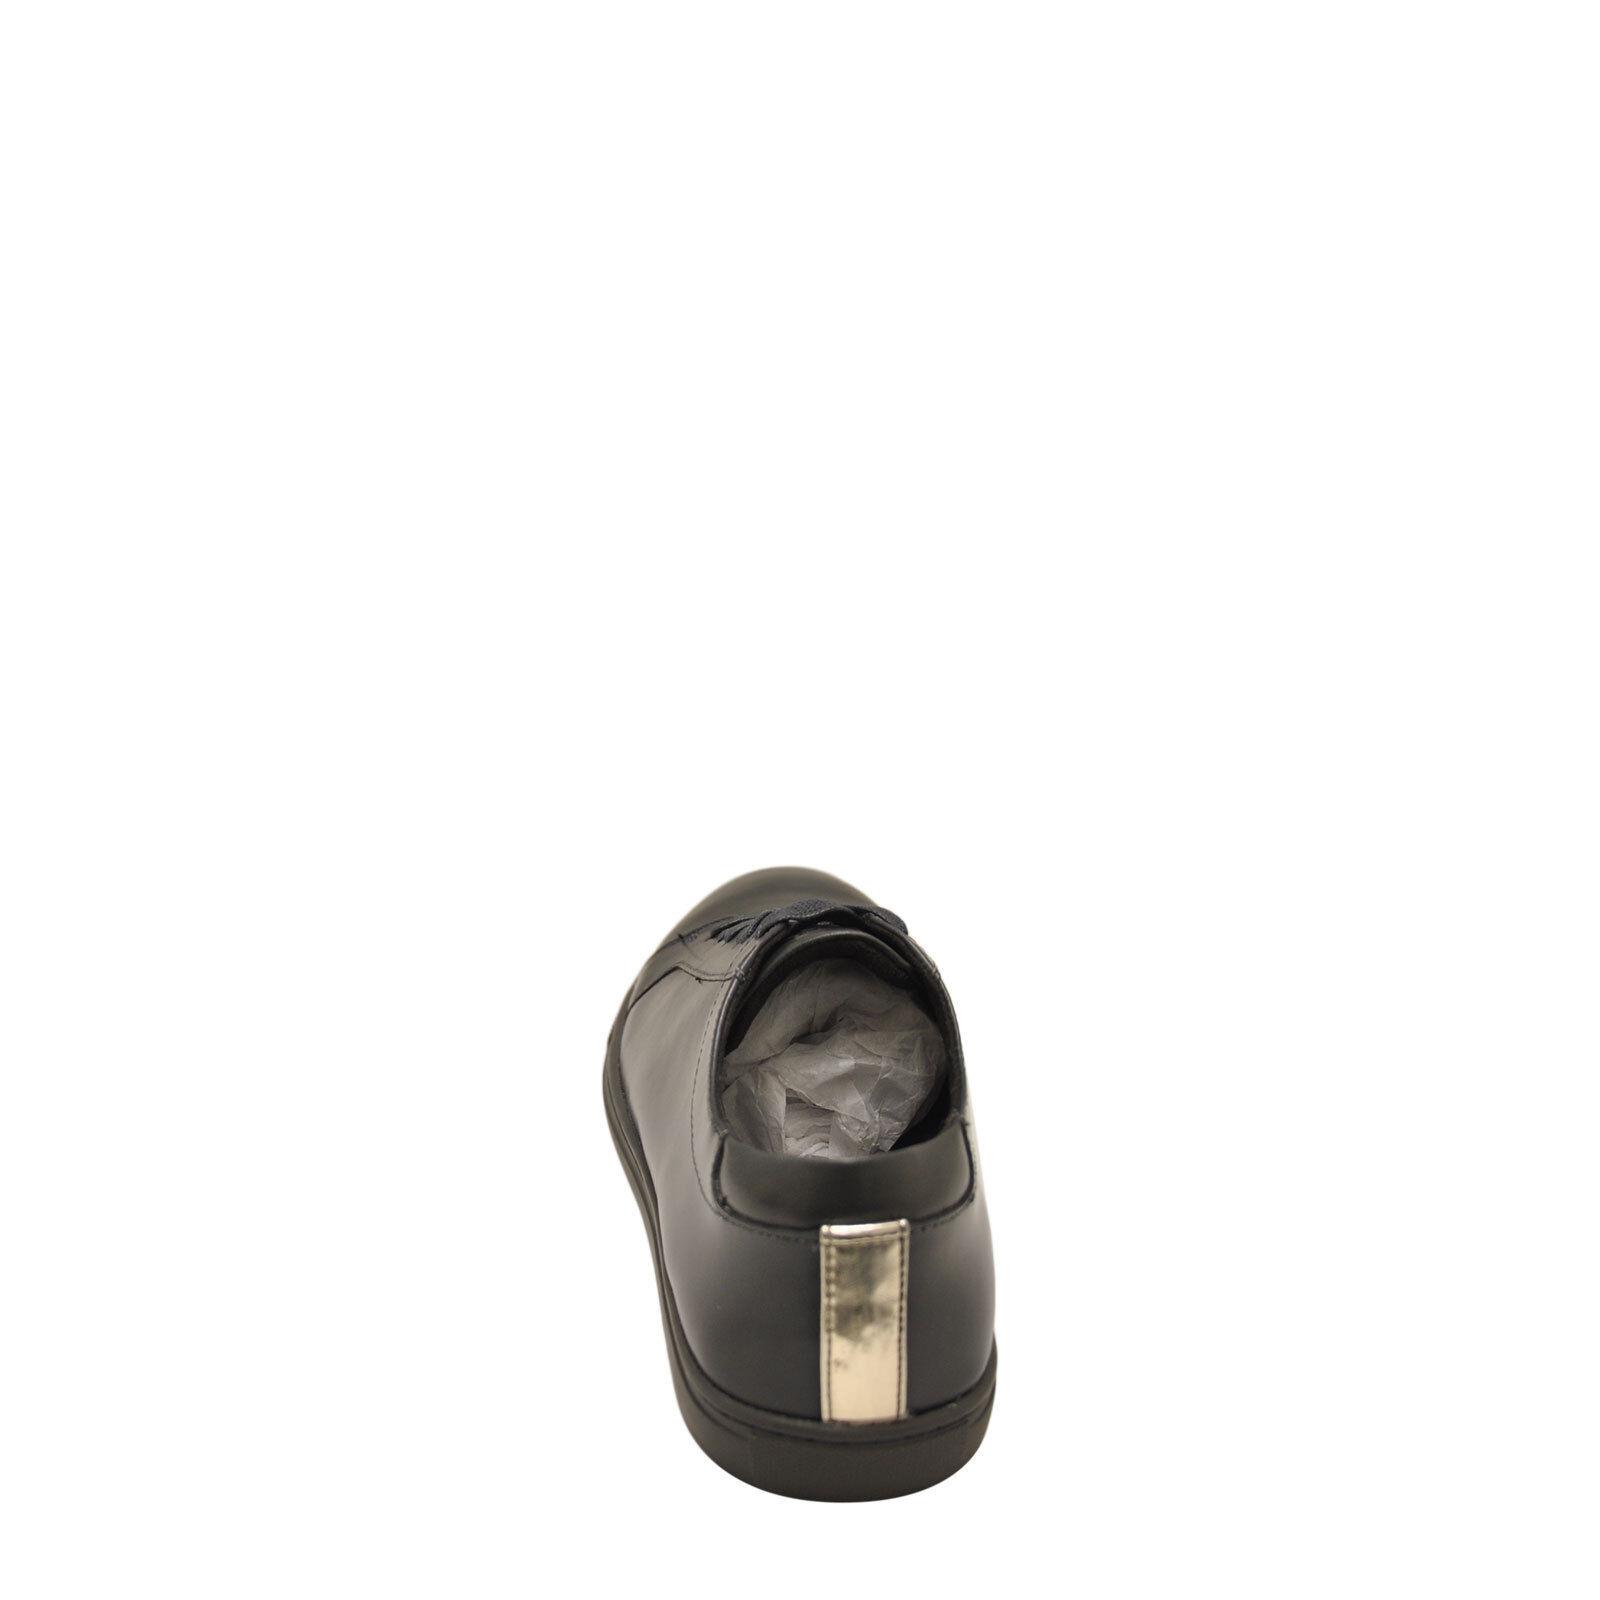 Uomo scarpe scarpe scarpe Kenneth Cole Kam Lace Up Fashion scarpe da ginnastica KMS7LE131 Dark grigio  New 30501a